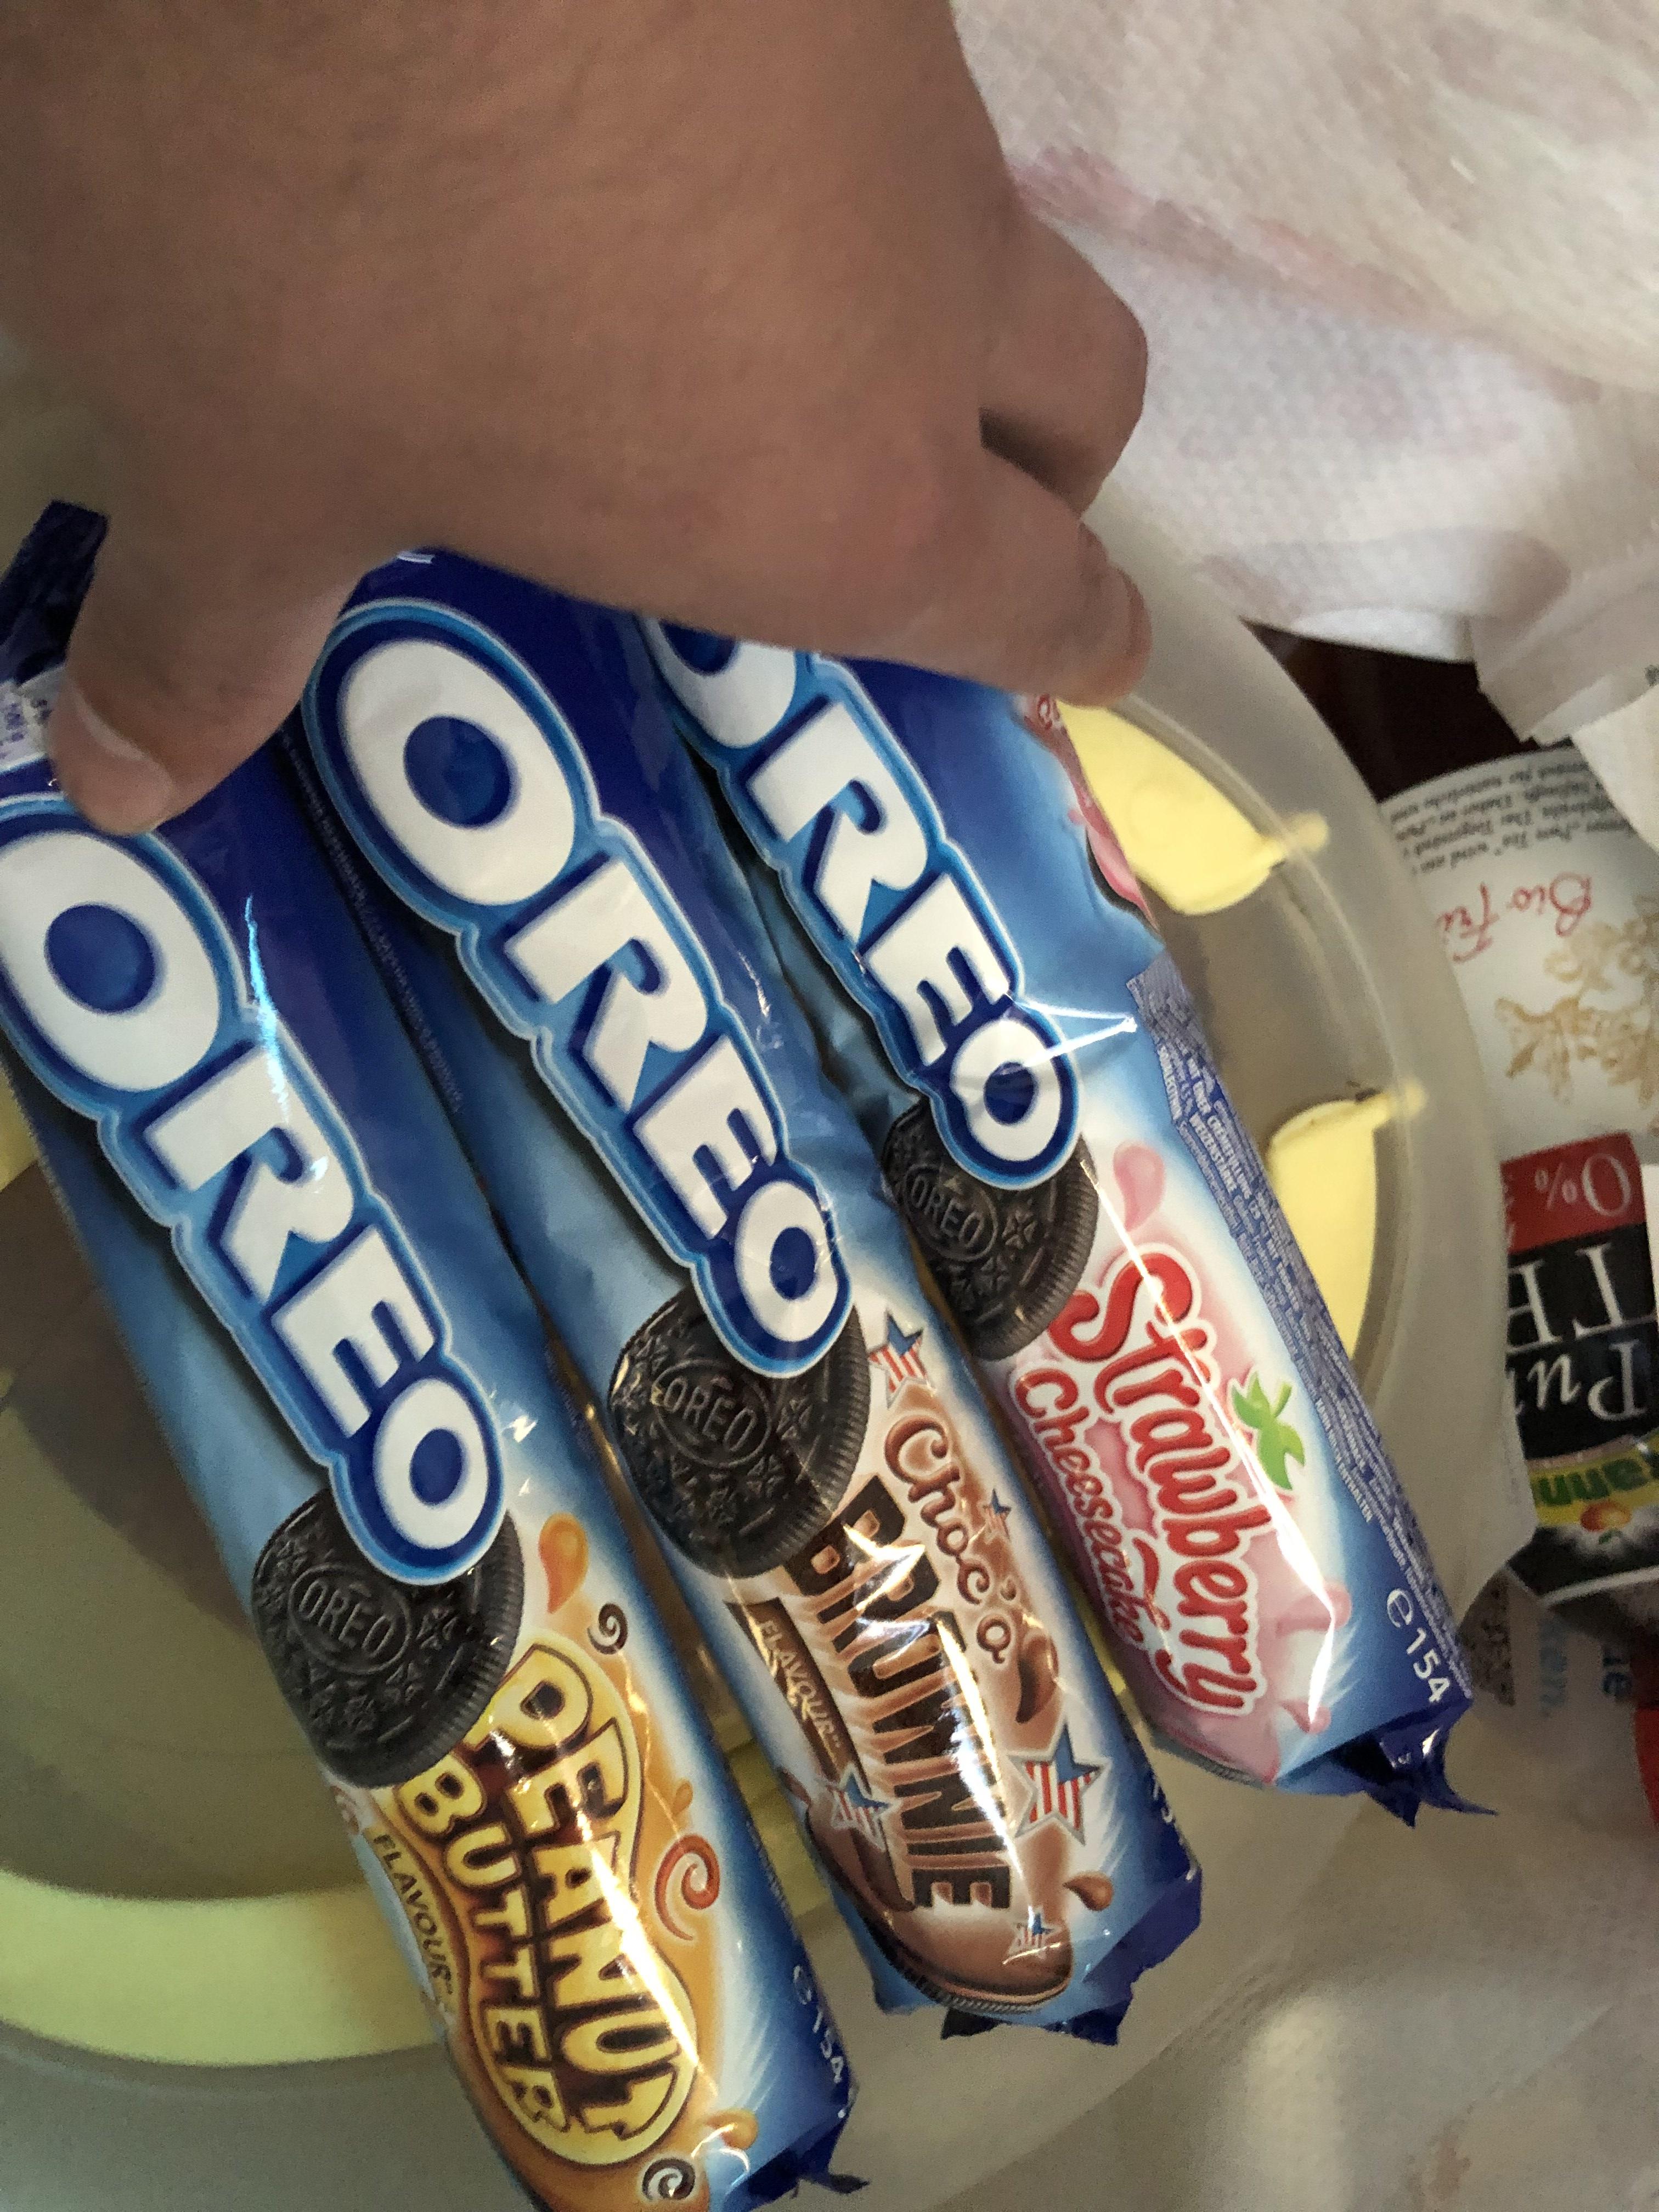 [Lidl Bundesweit] Oreo Strawberry Cheesecake, Brownie, Peanut Butter, Golden, Double Cream und Normal